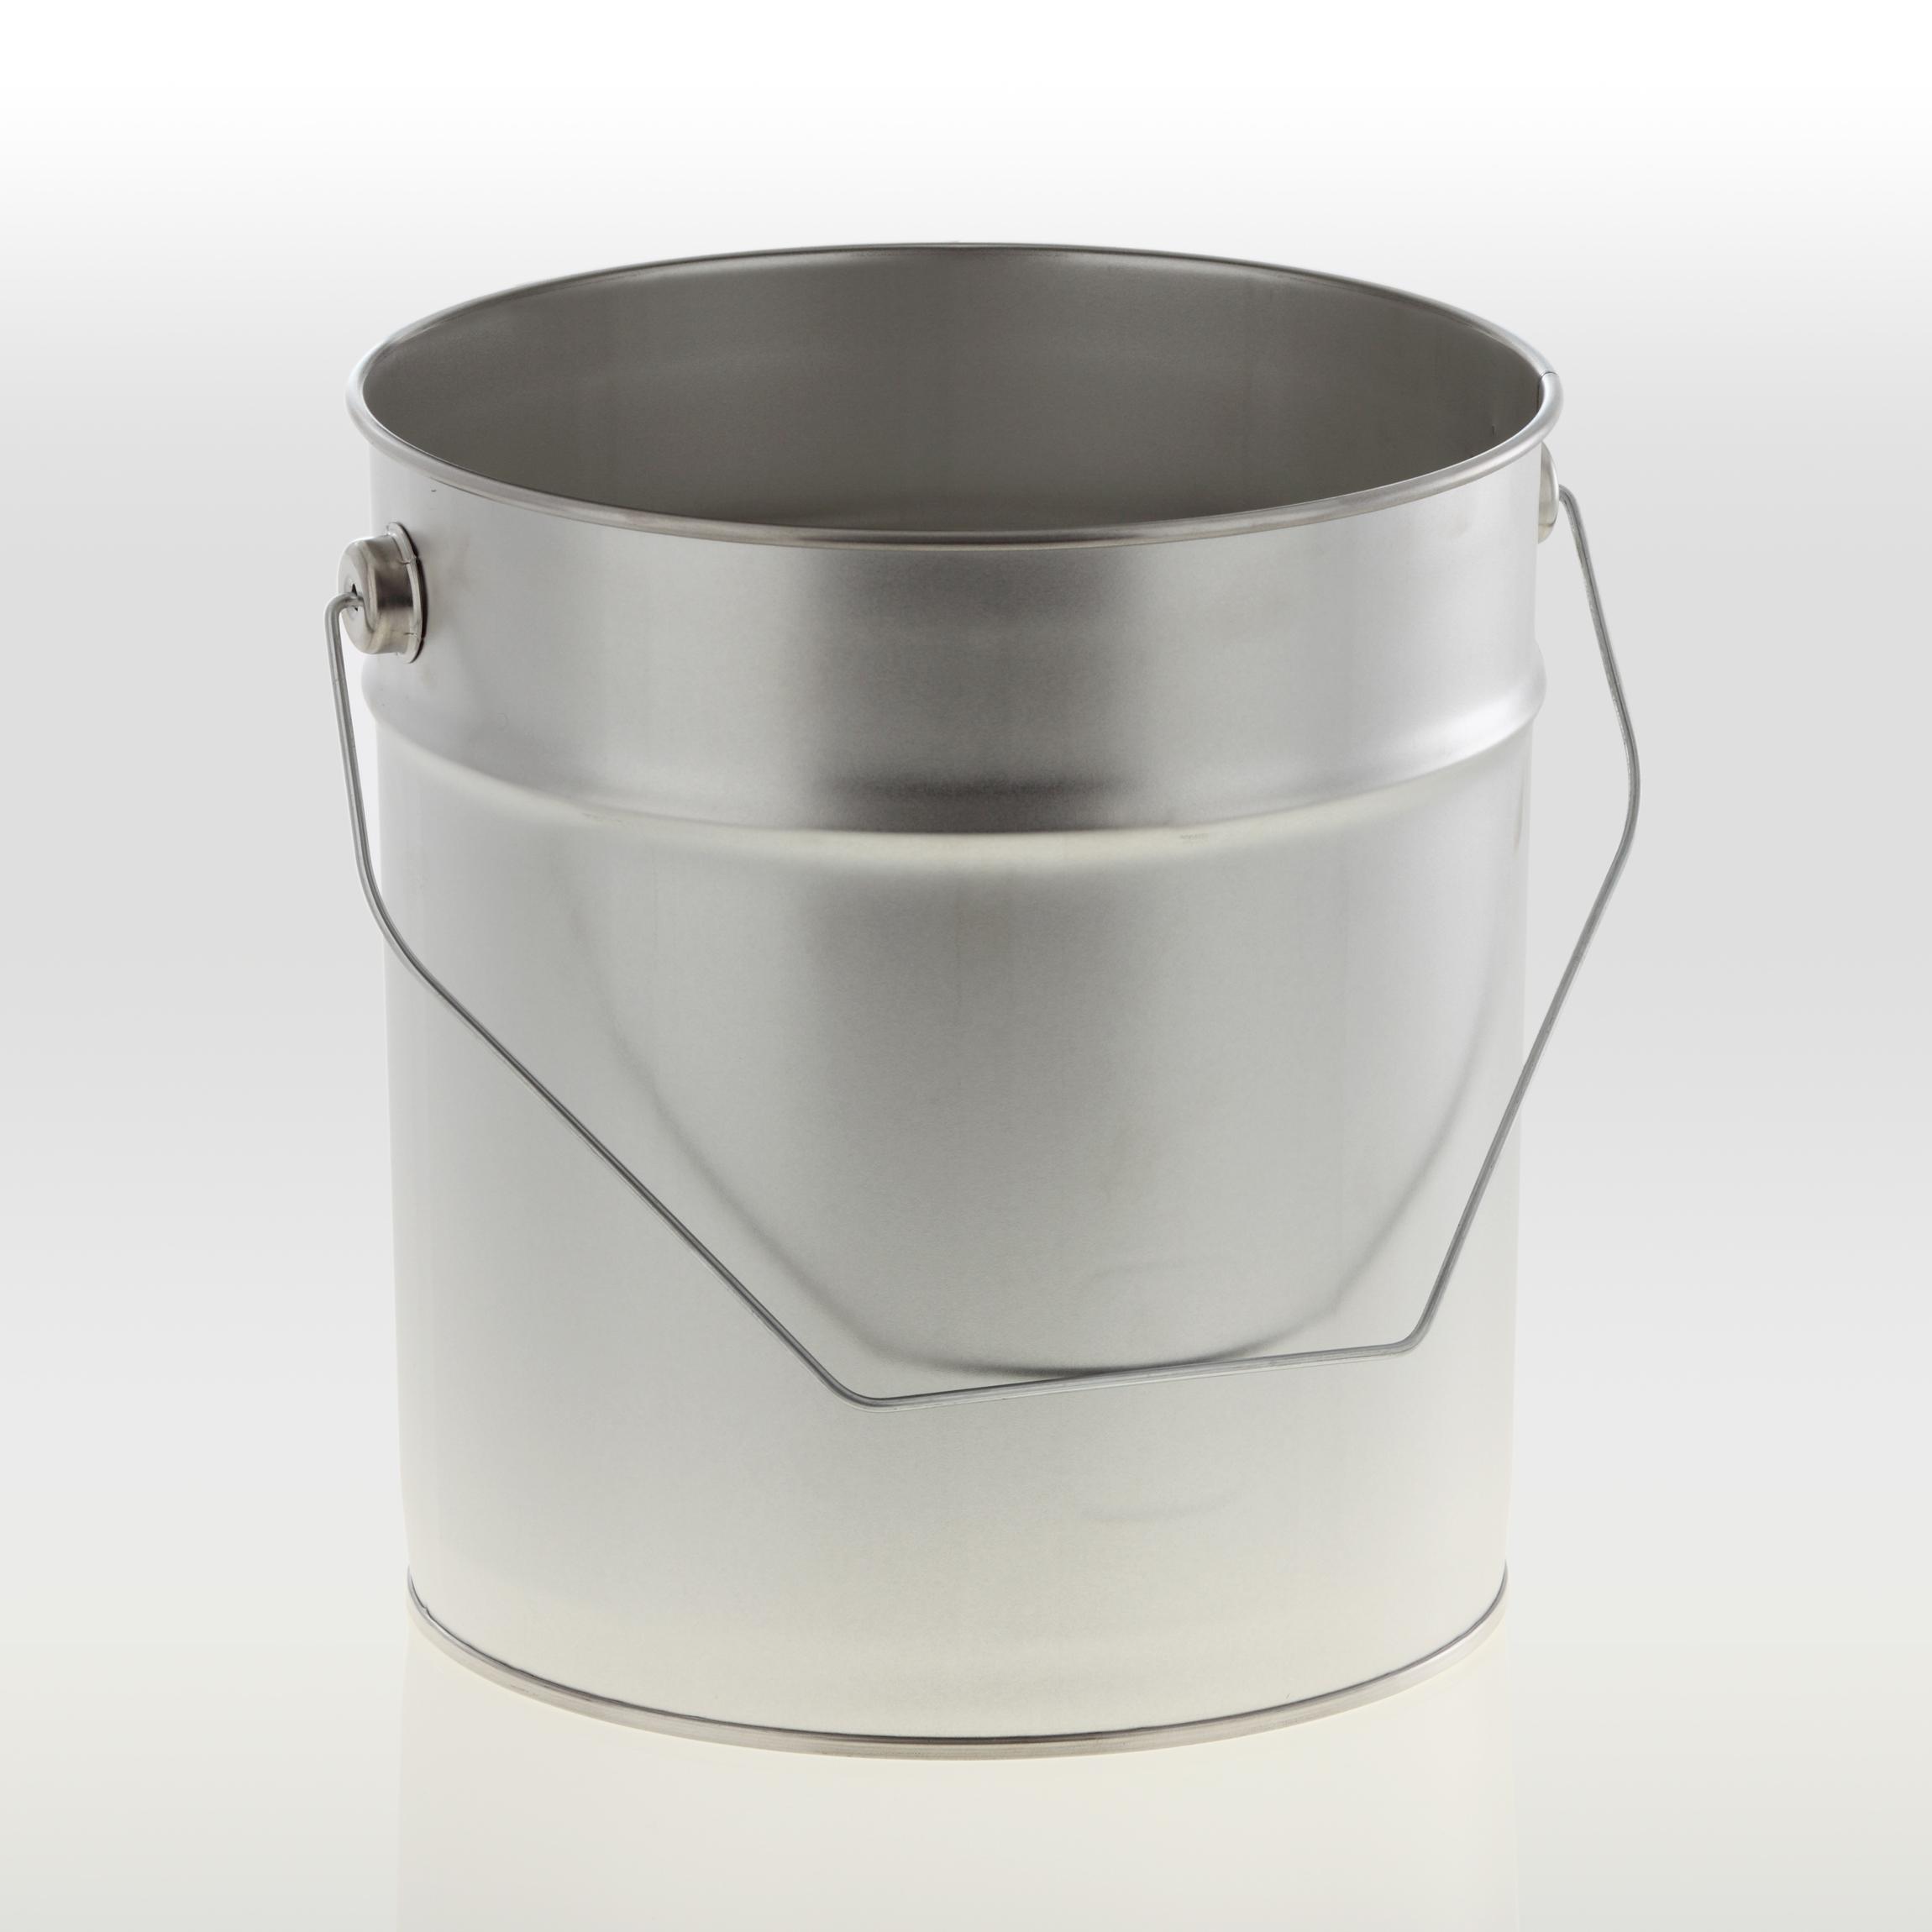 Metalleimer konisch 5 Liter OHNE Deckel & Spannring